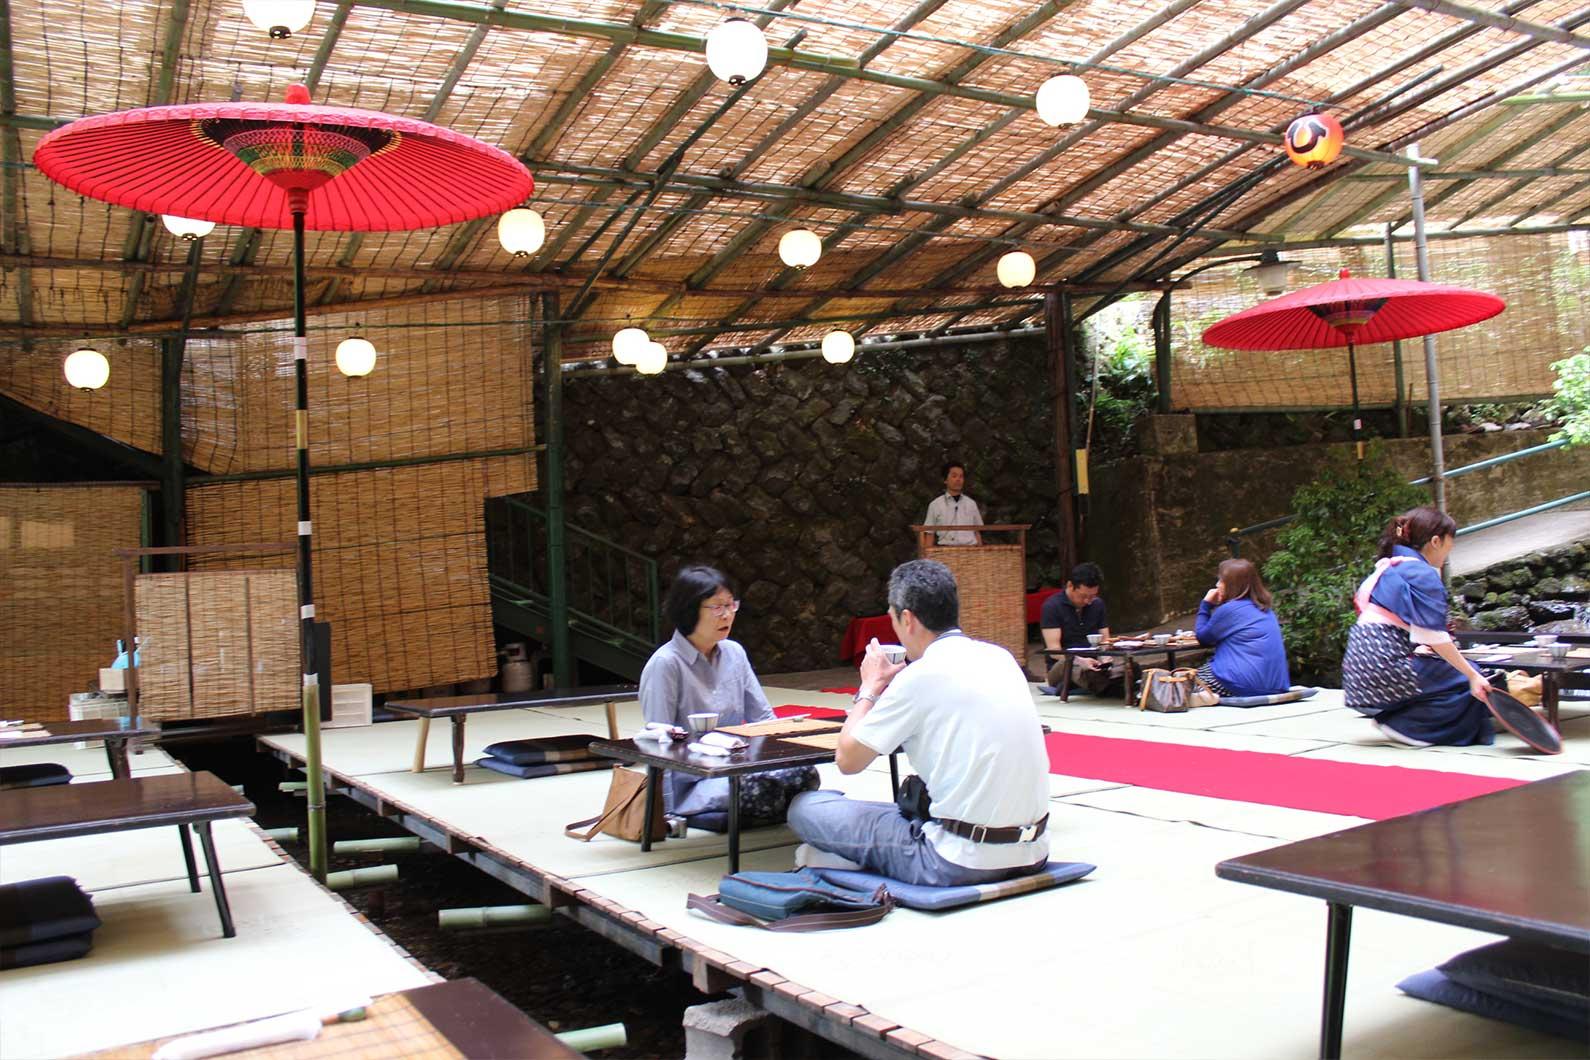 Thiết kế quán cafe độc đáo trên thác nước ở Nhật Bản